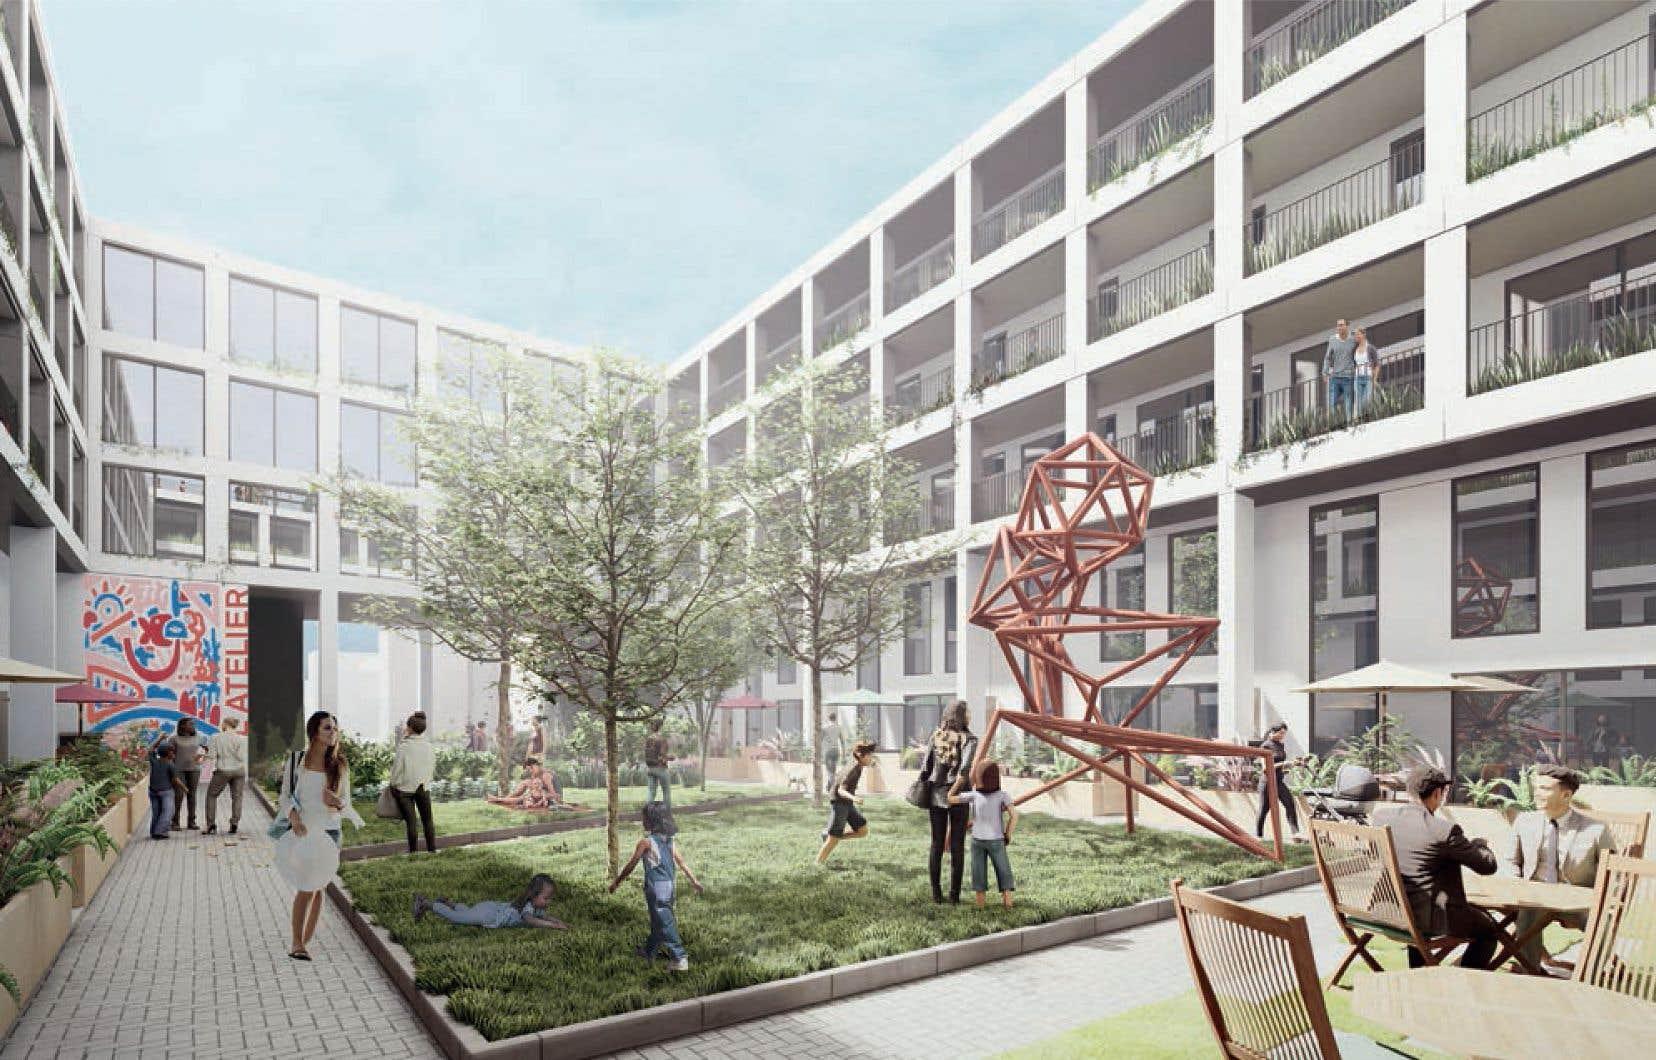 La notion de «logements abordables» évoquée par le promoteur ne rassure pas le Comité d'action de Parc-Extension (CAPE), qui milite depuis des années pour la construction de logements sociaux dans le quartier.